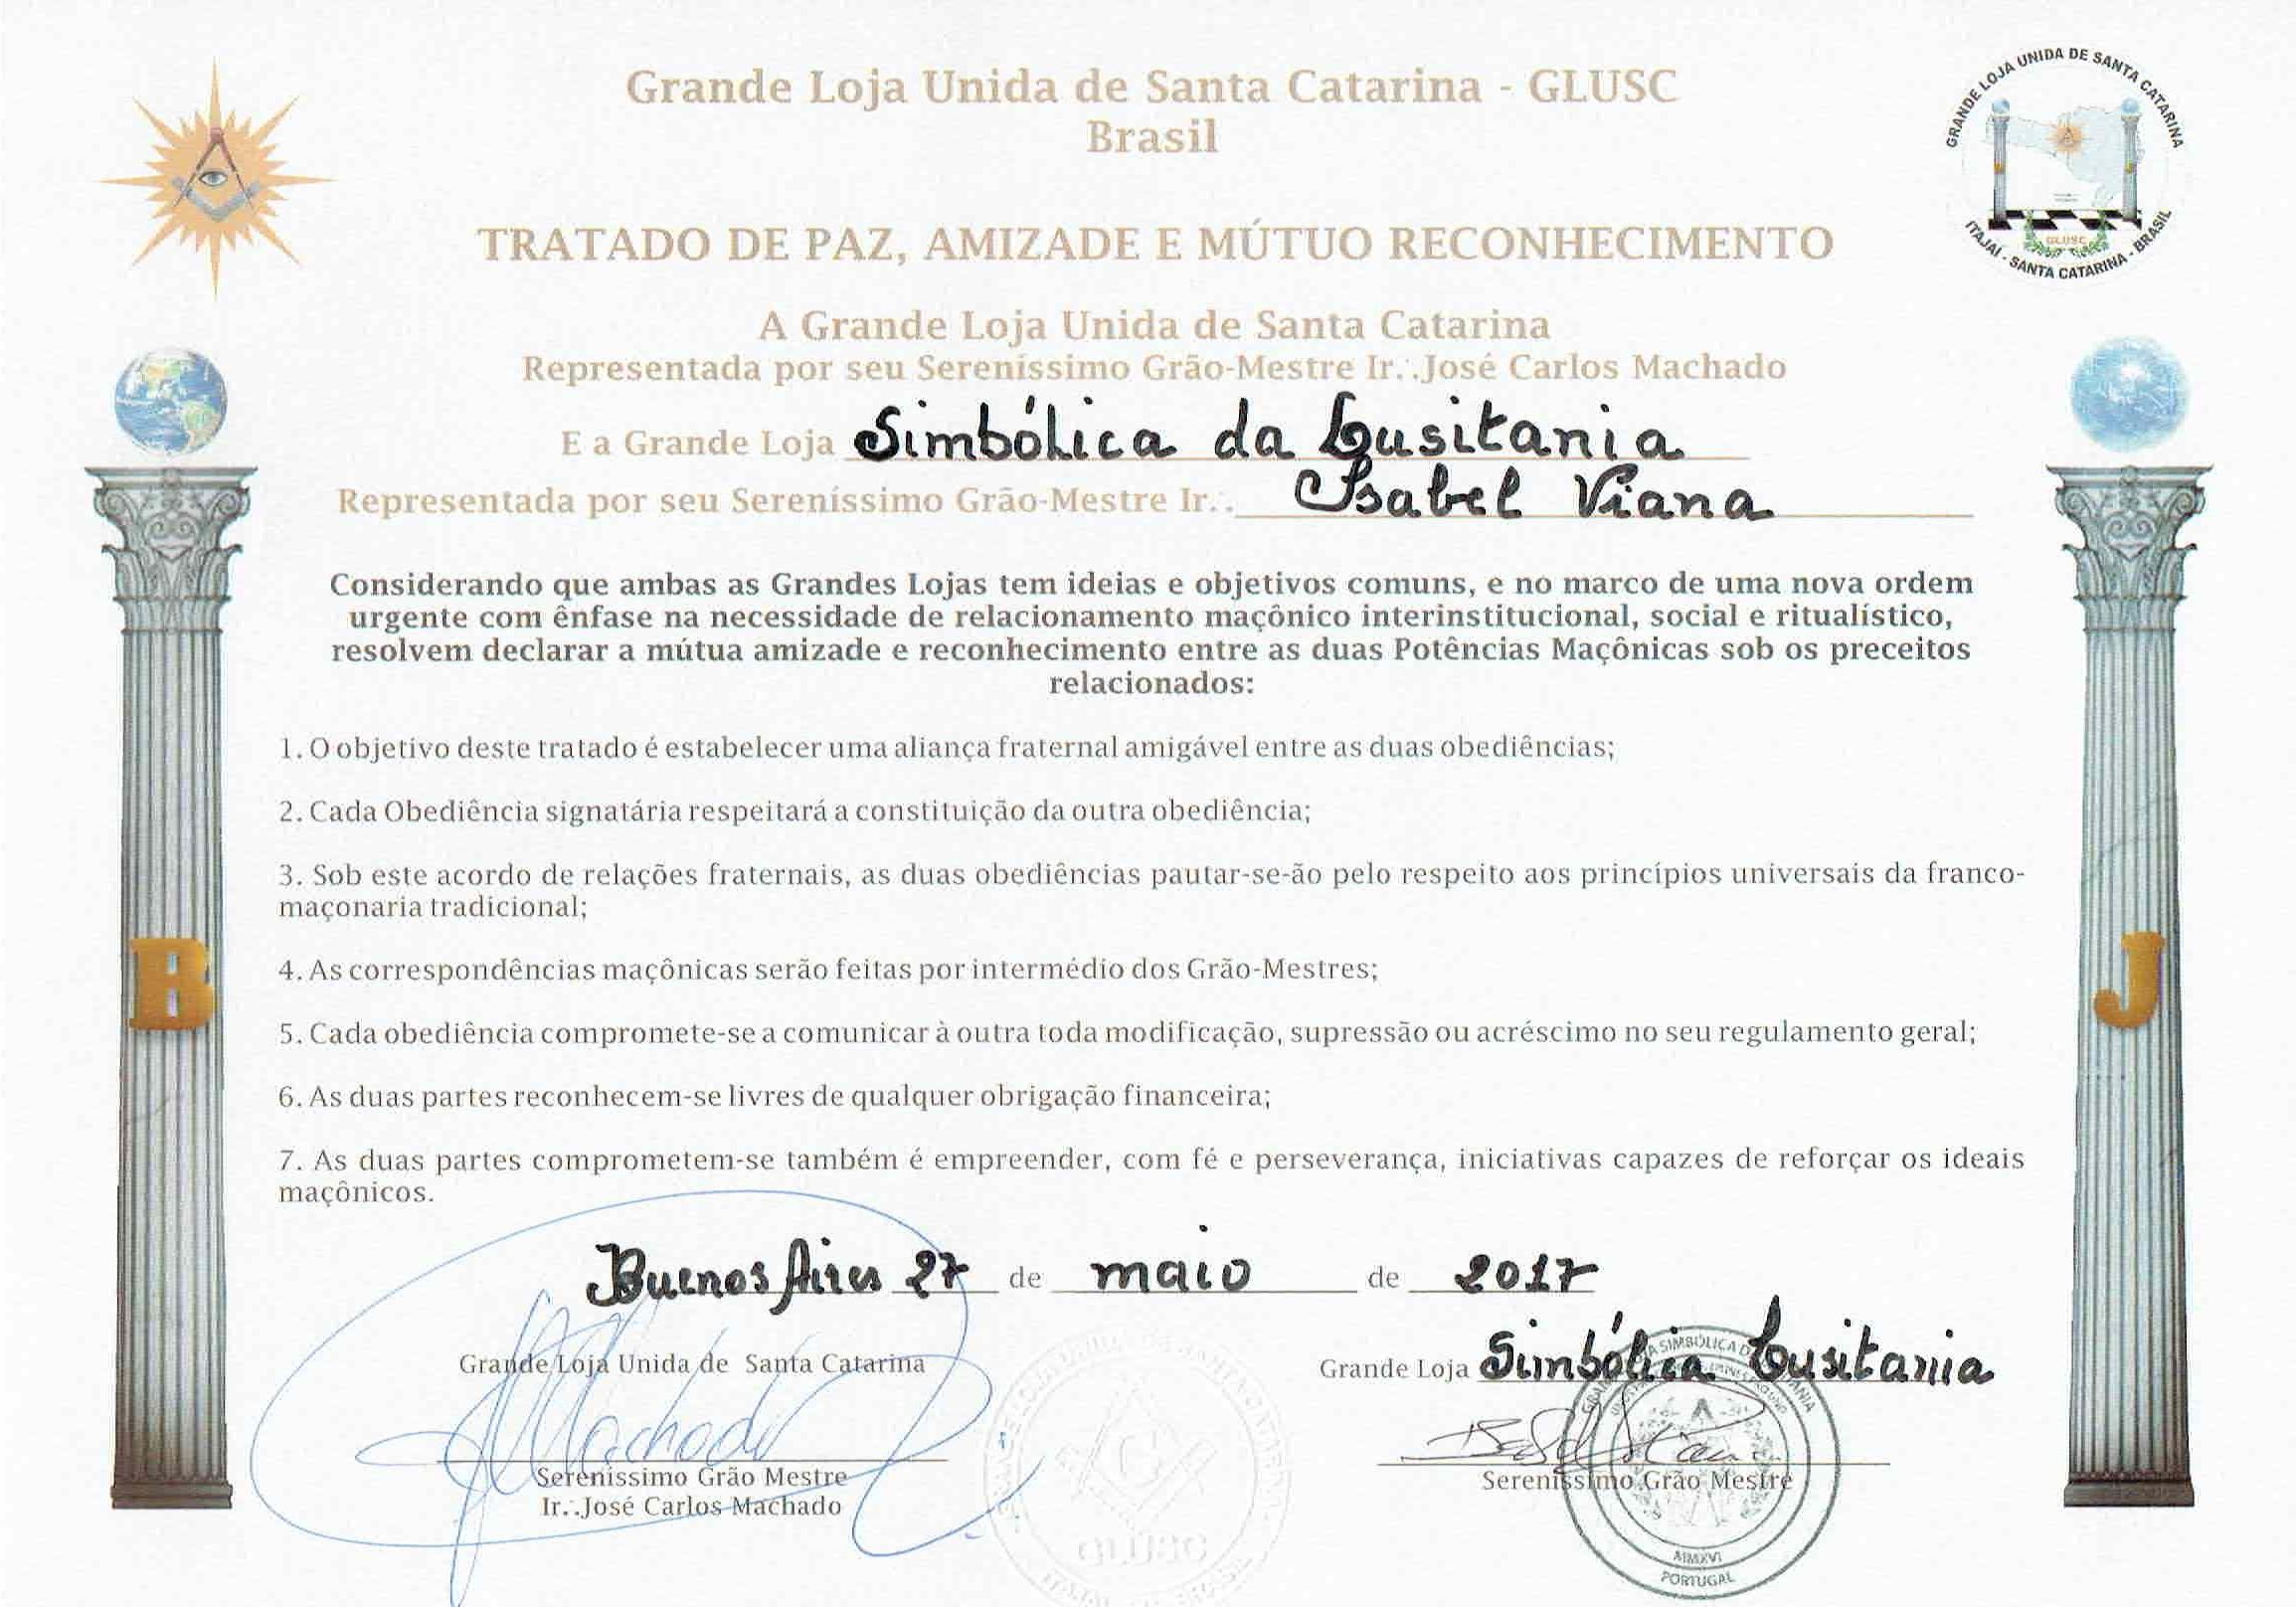 Tratado Grande Loja Simbólica da Lusitânia